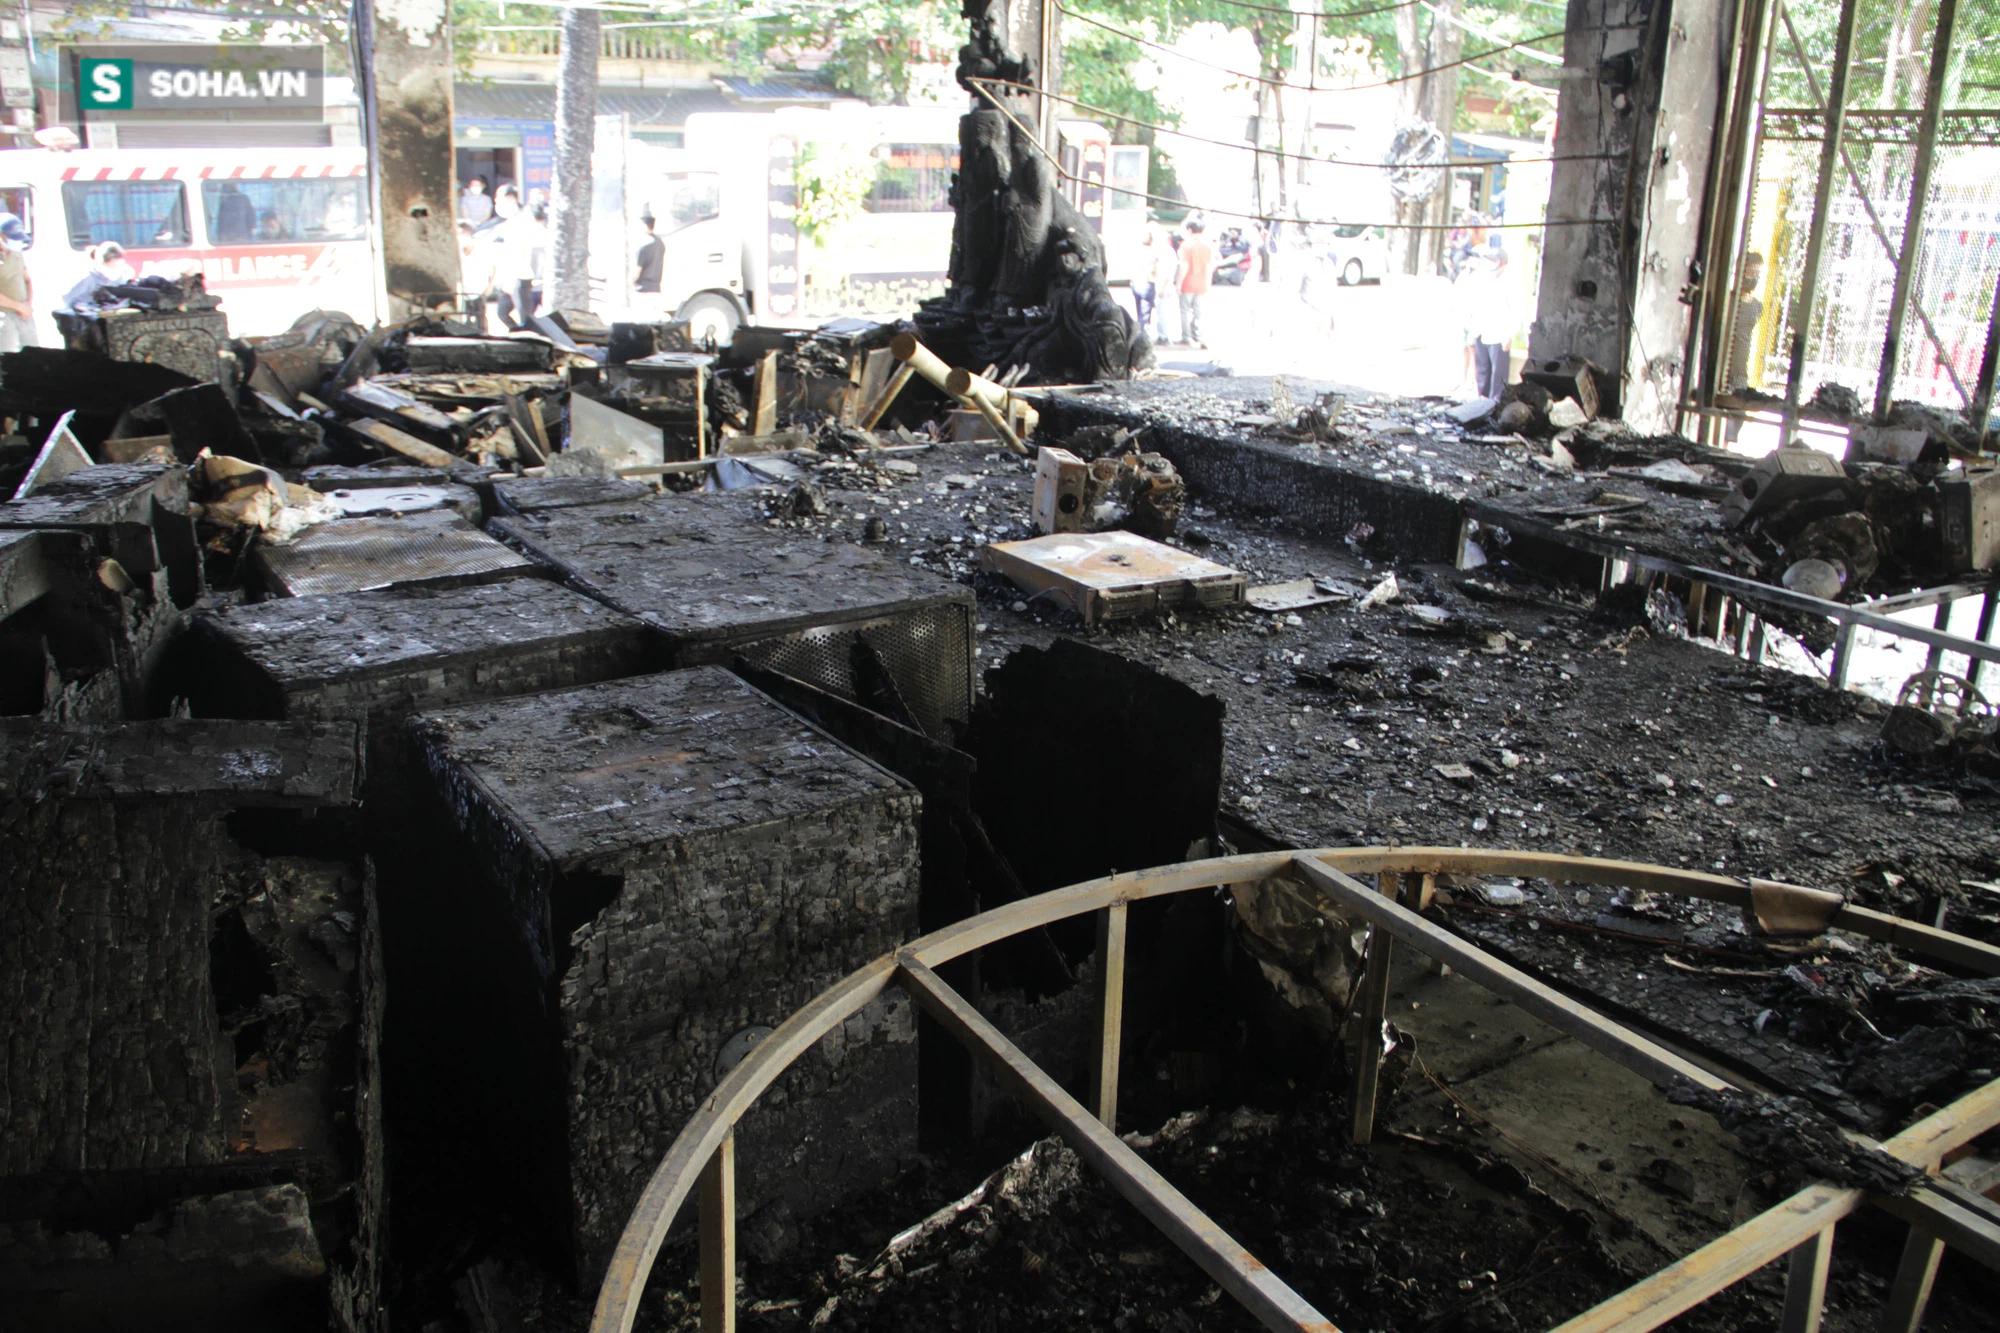 Cận cảnh hiện trường bên trong phòng trà bị cháy khiến 6 người tử vong ở Nghệ An - Ảnh 26.